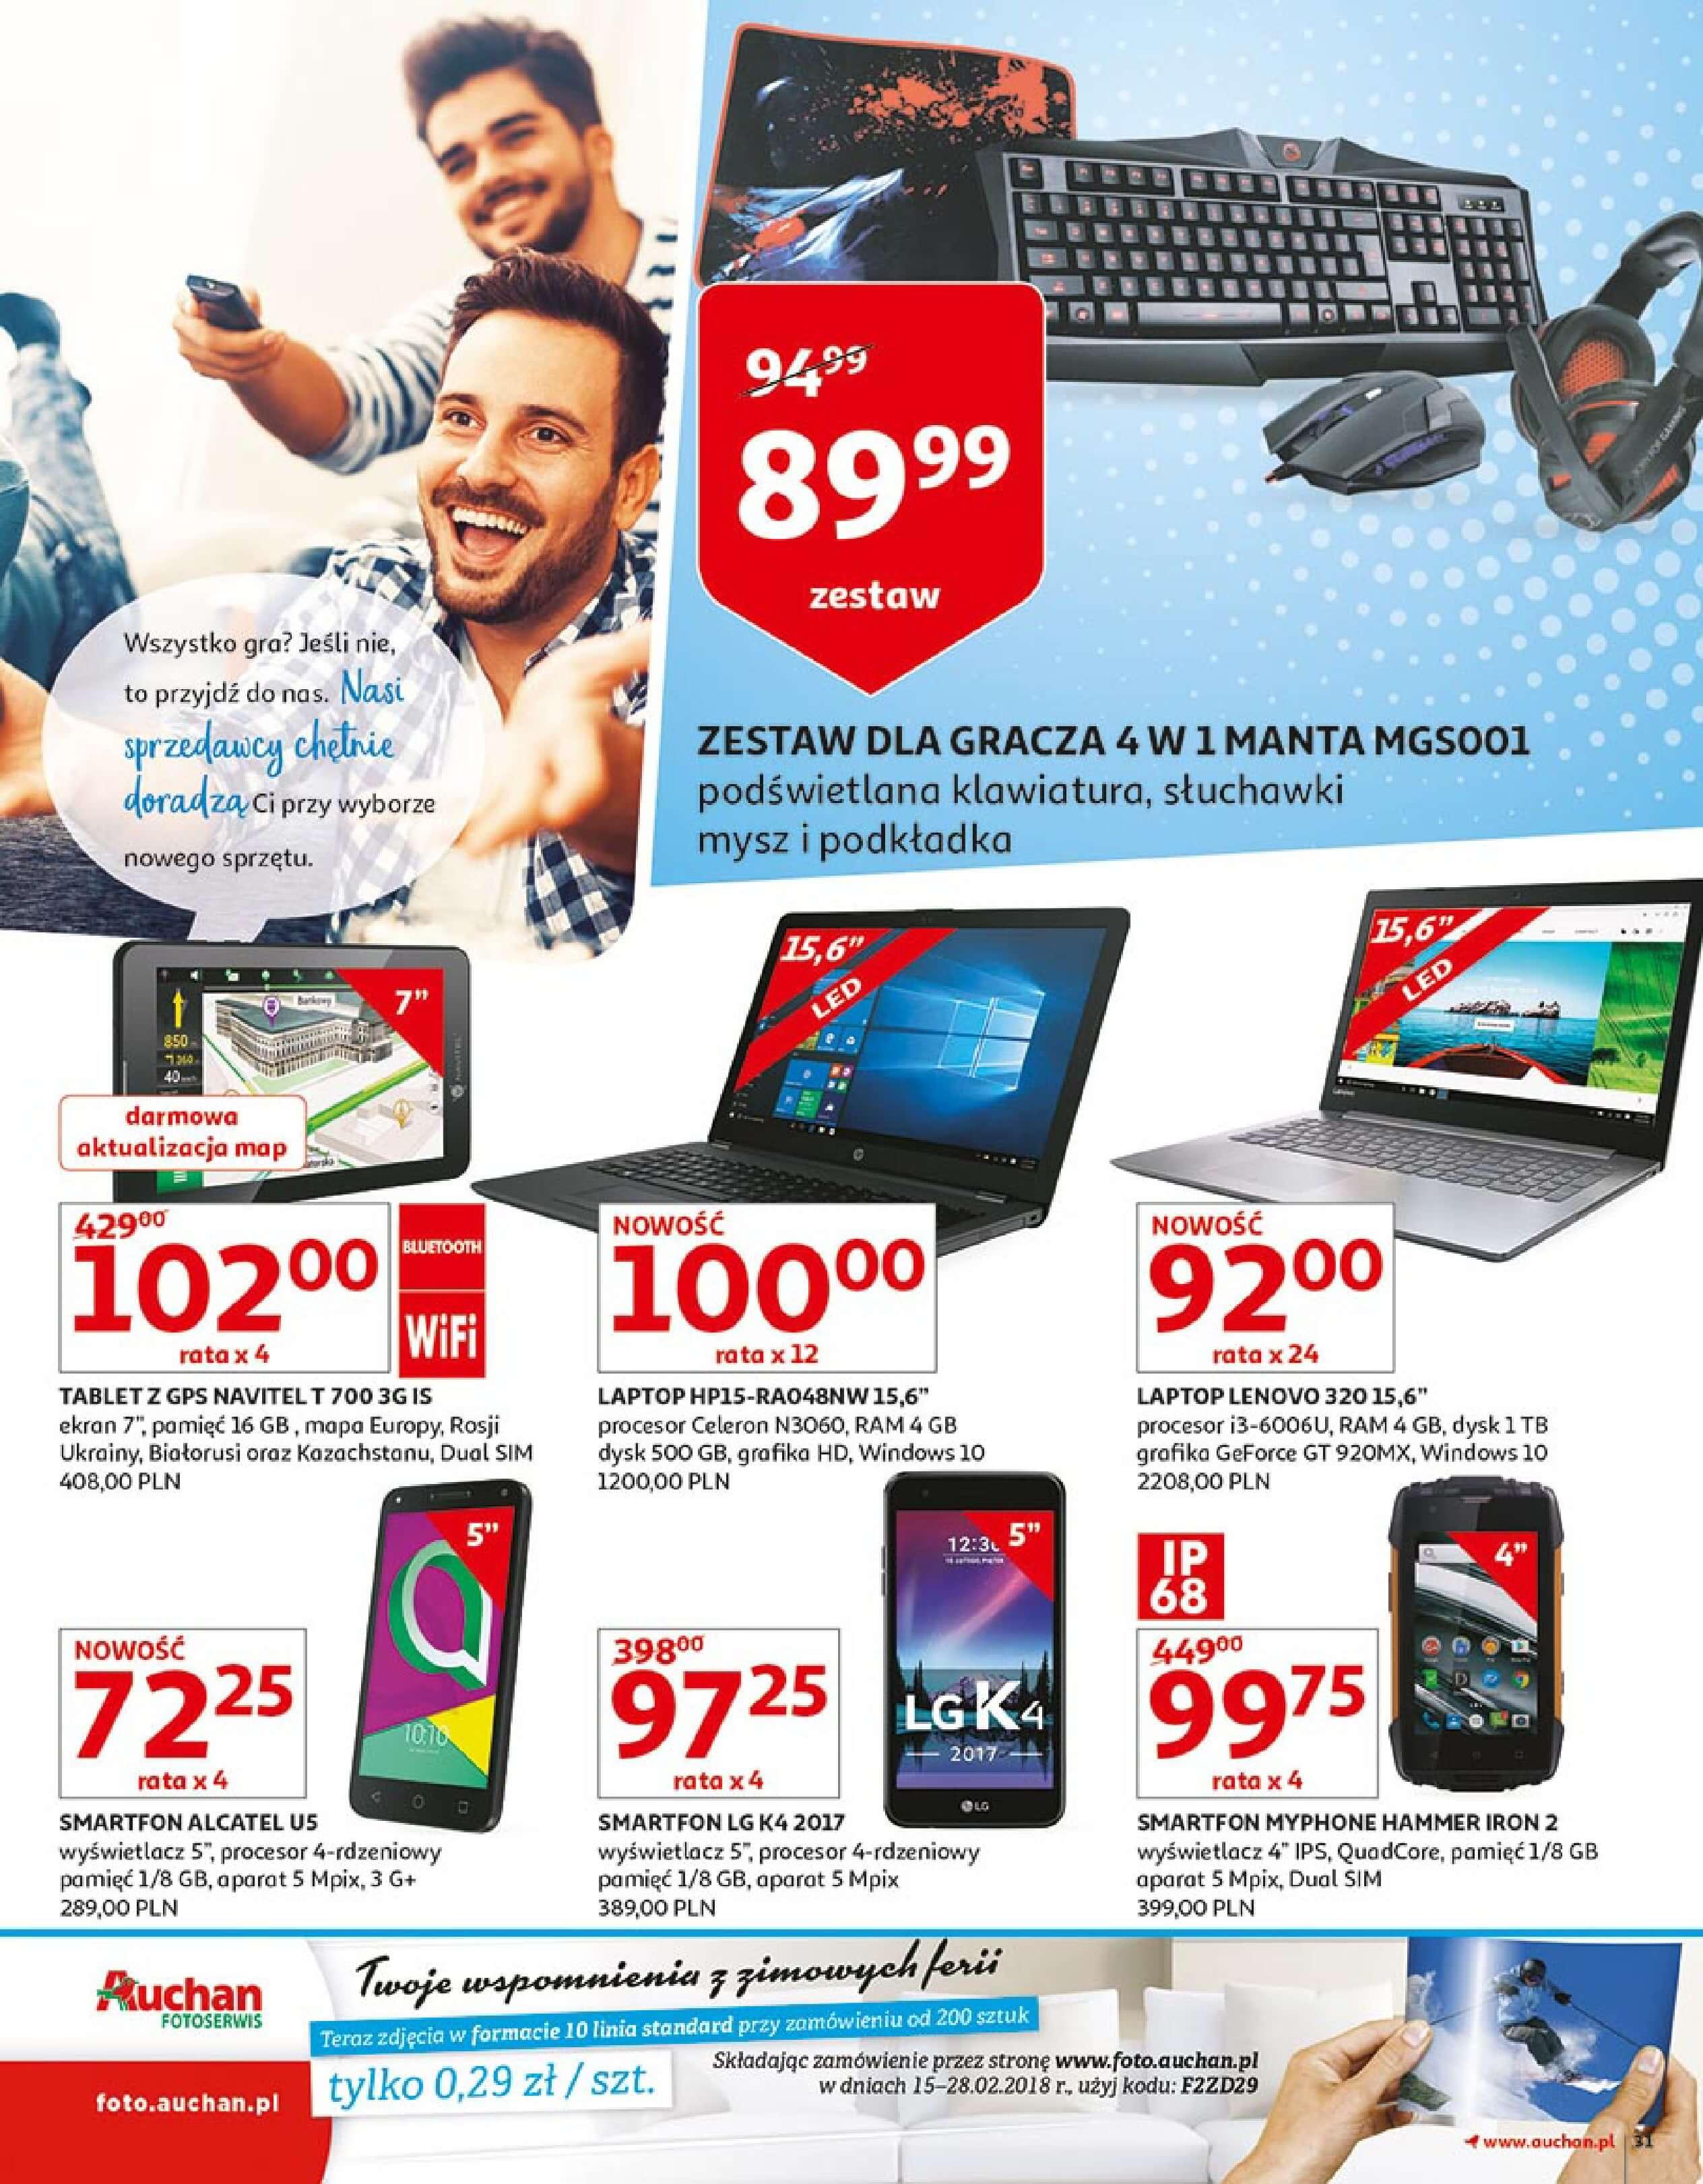 Gazetka Auchan - Zbijamy ceny zawodowo!-14.02.2018-22.02.2018-page-31